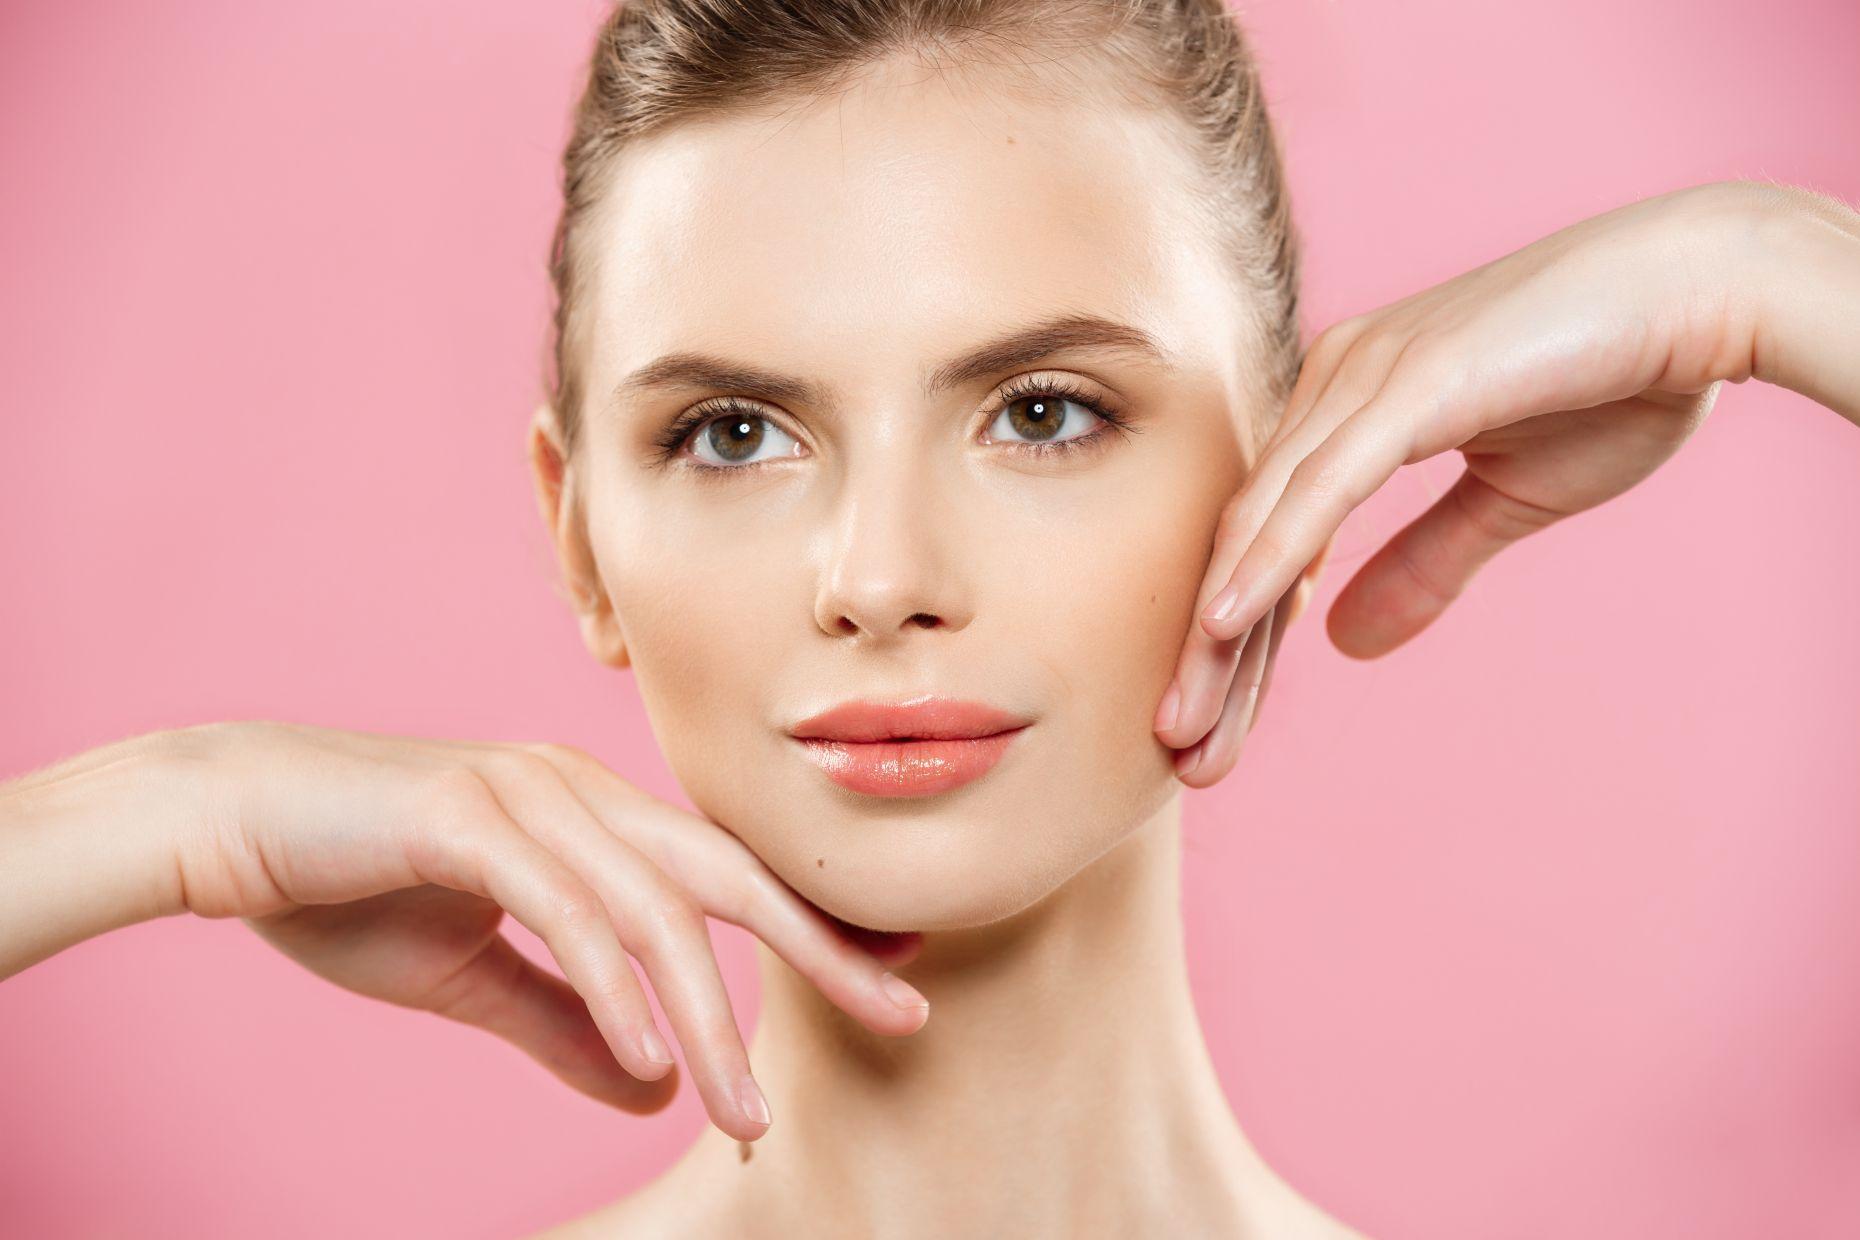 Işıltılı Bir Yüz İçin Makyaj Önerileri Nelerdir